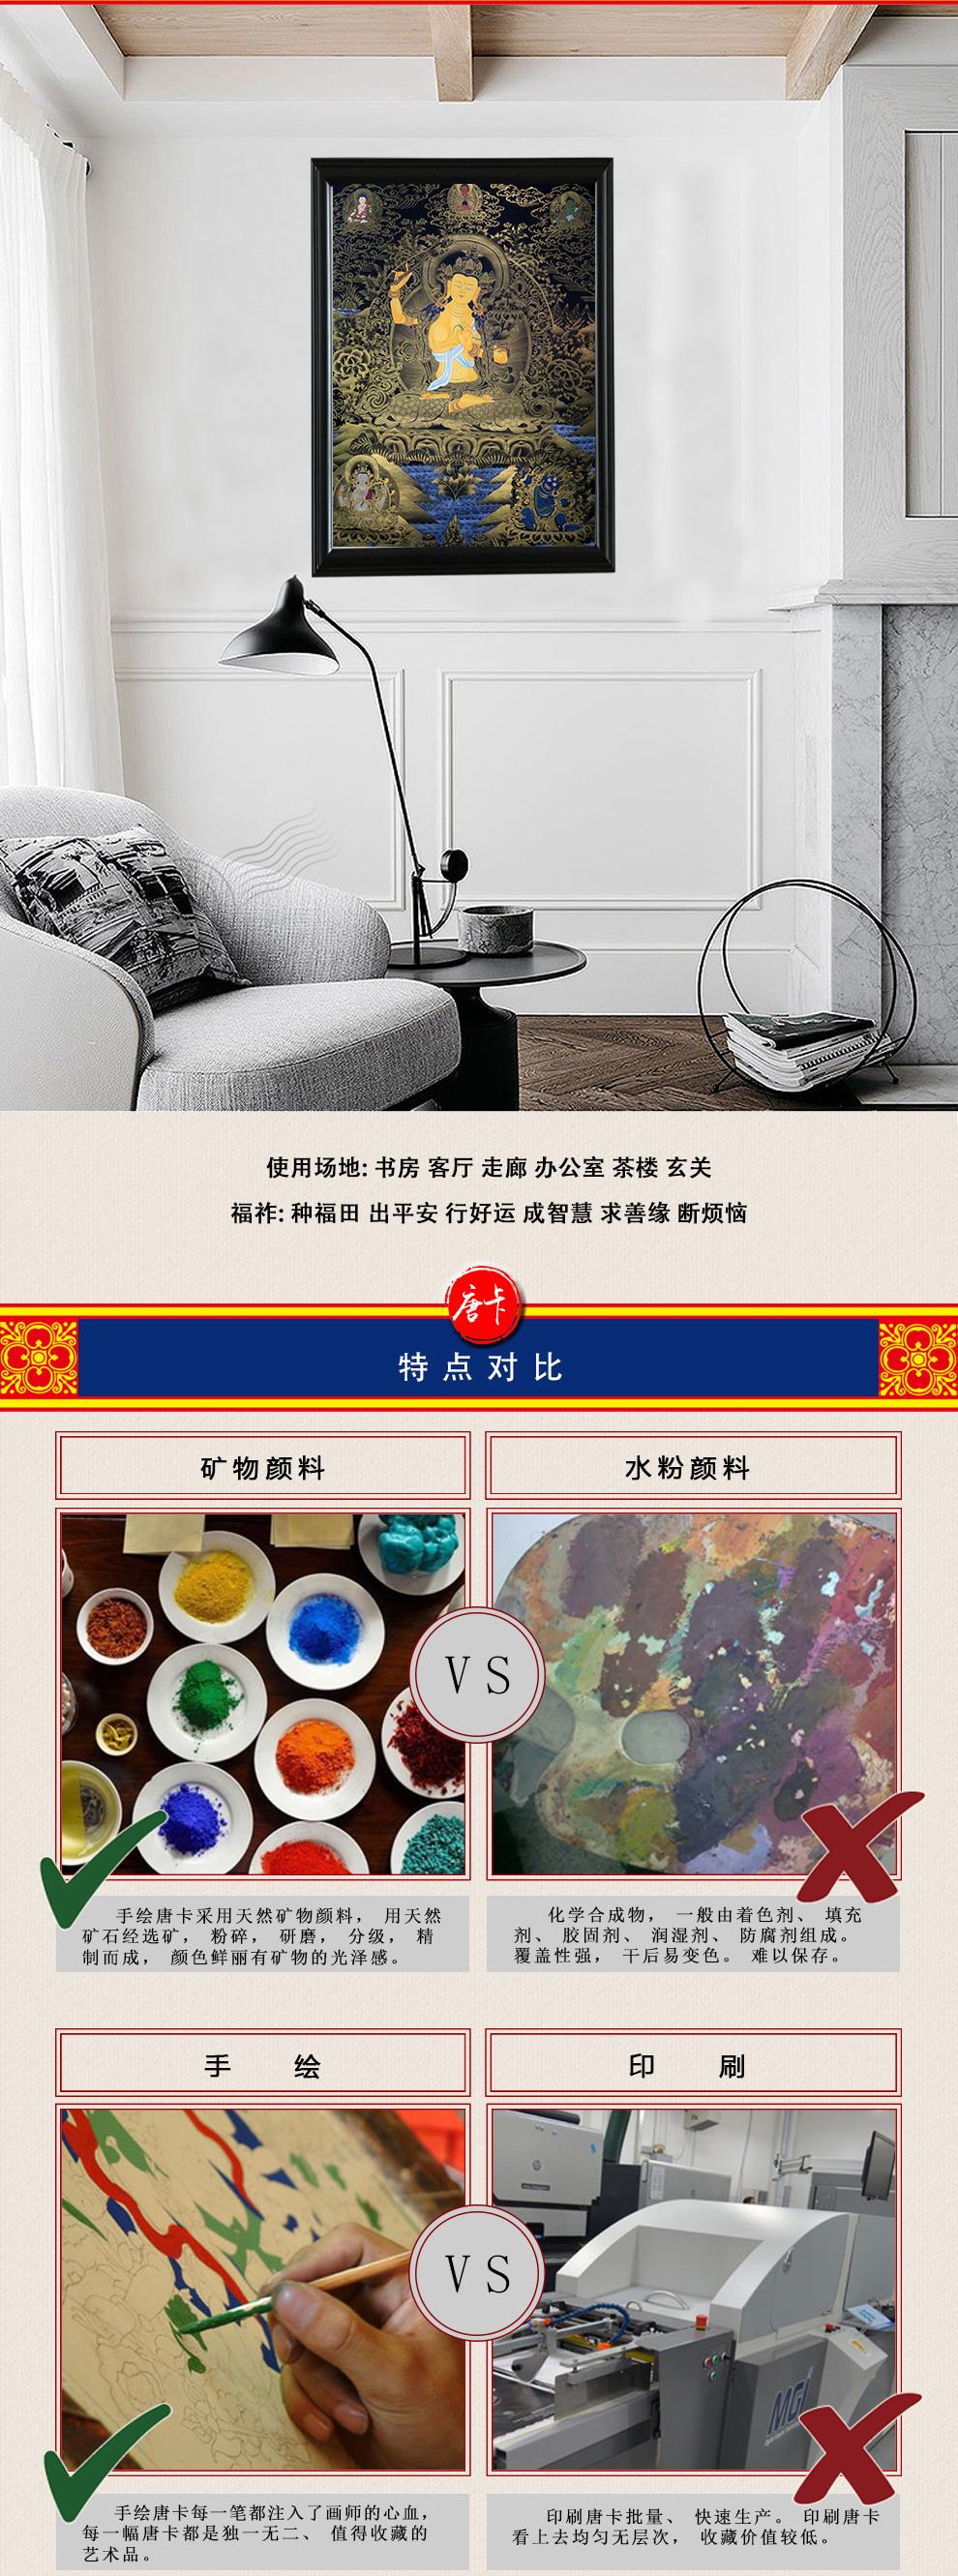 西藏纯手工绘制文殊菩萨唐卡